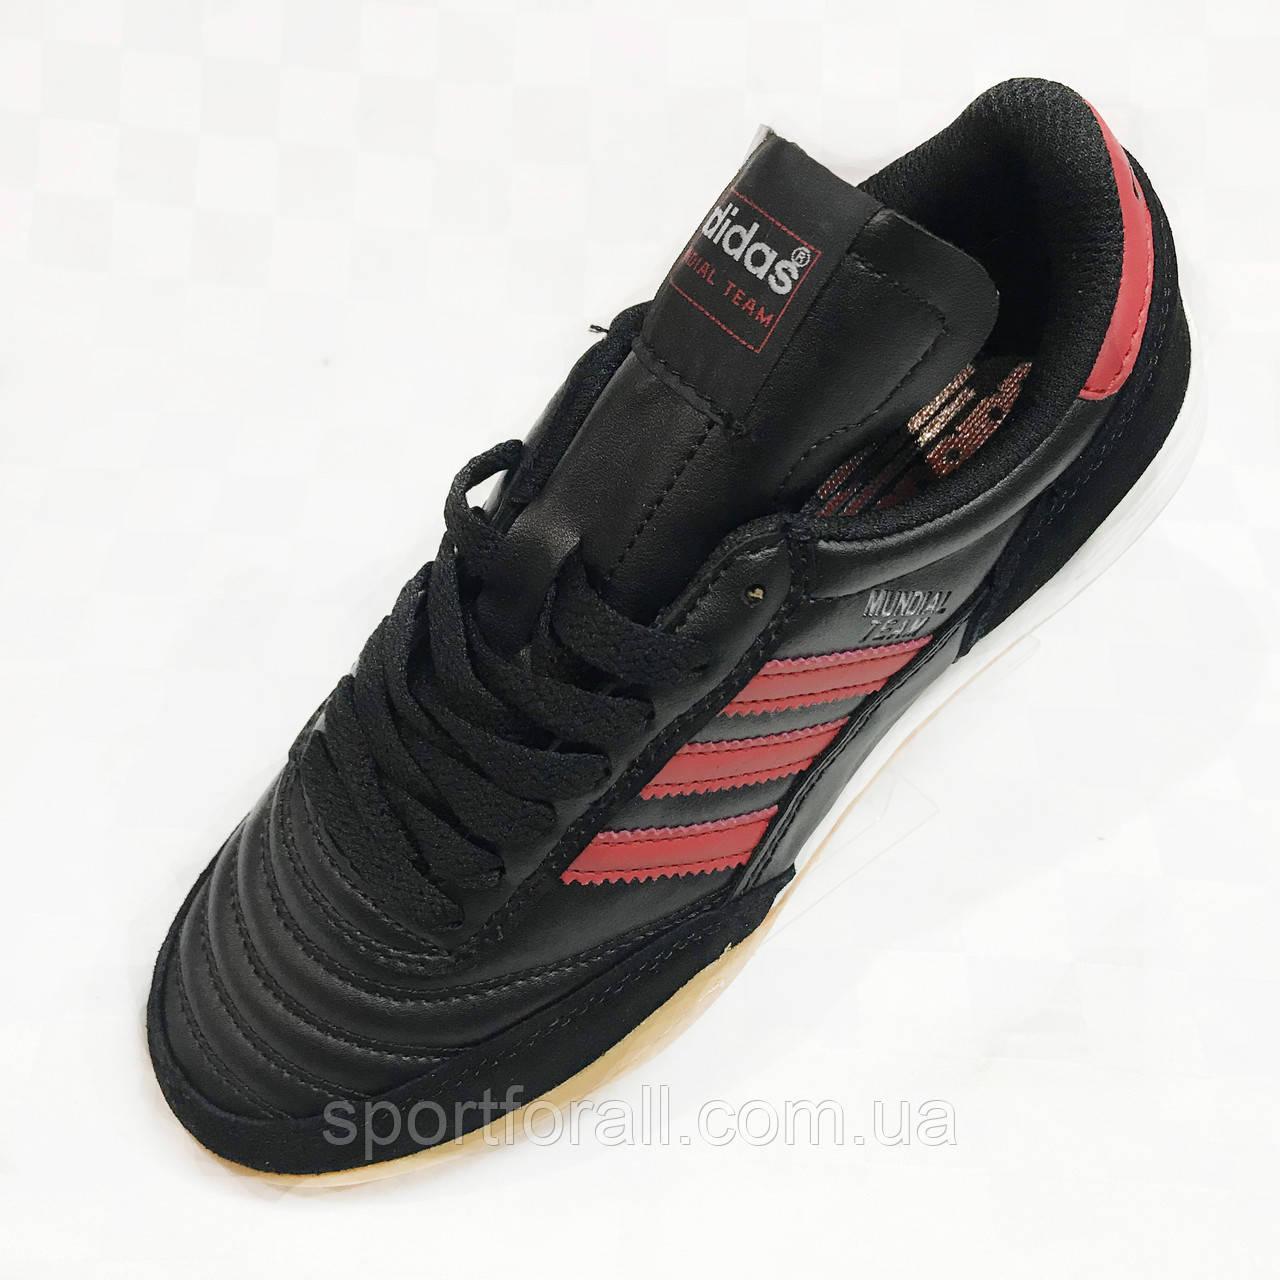 Футбольные сороконожки подростковые Adidas Mundial Team р. 39 B7004-3